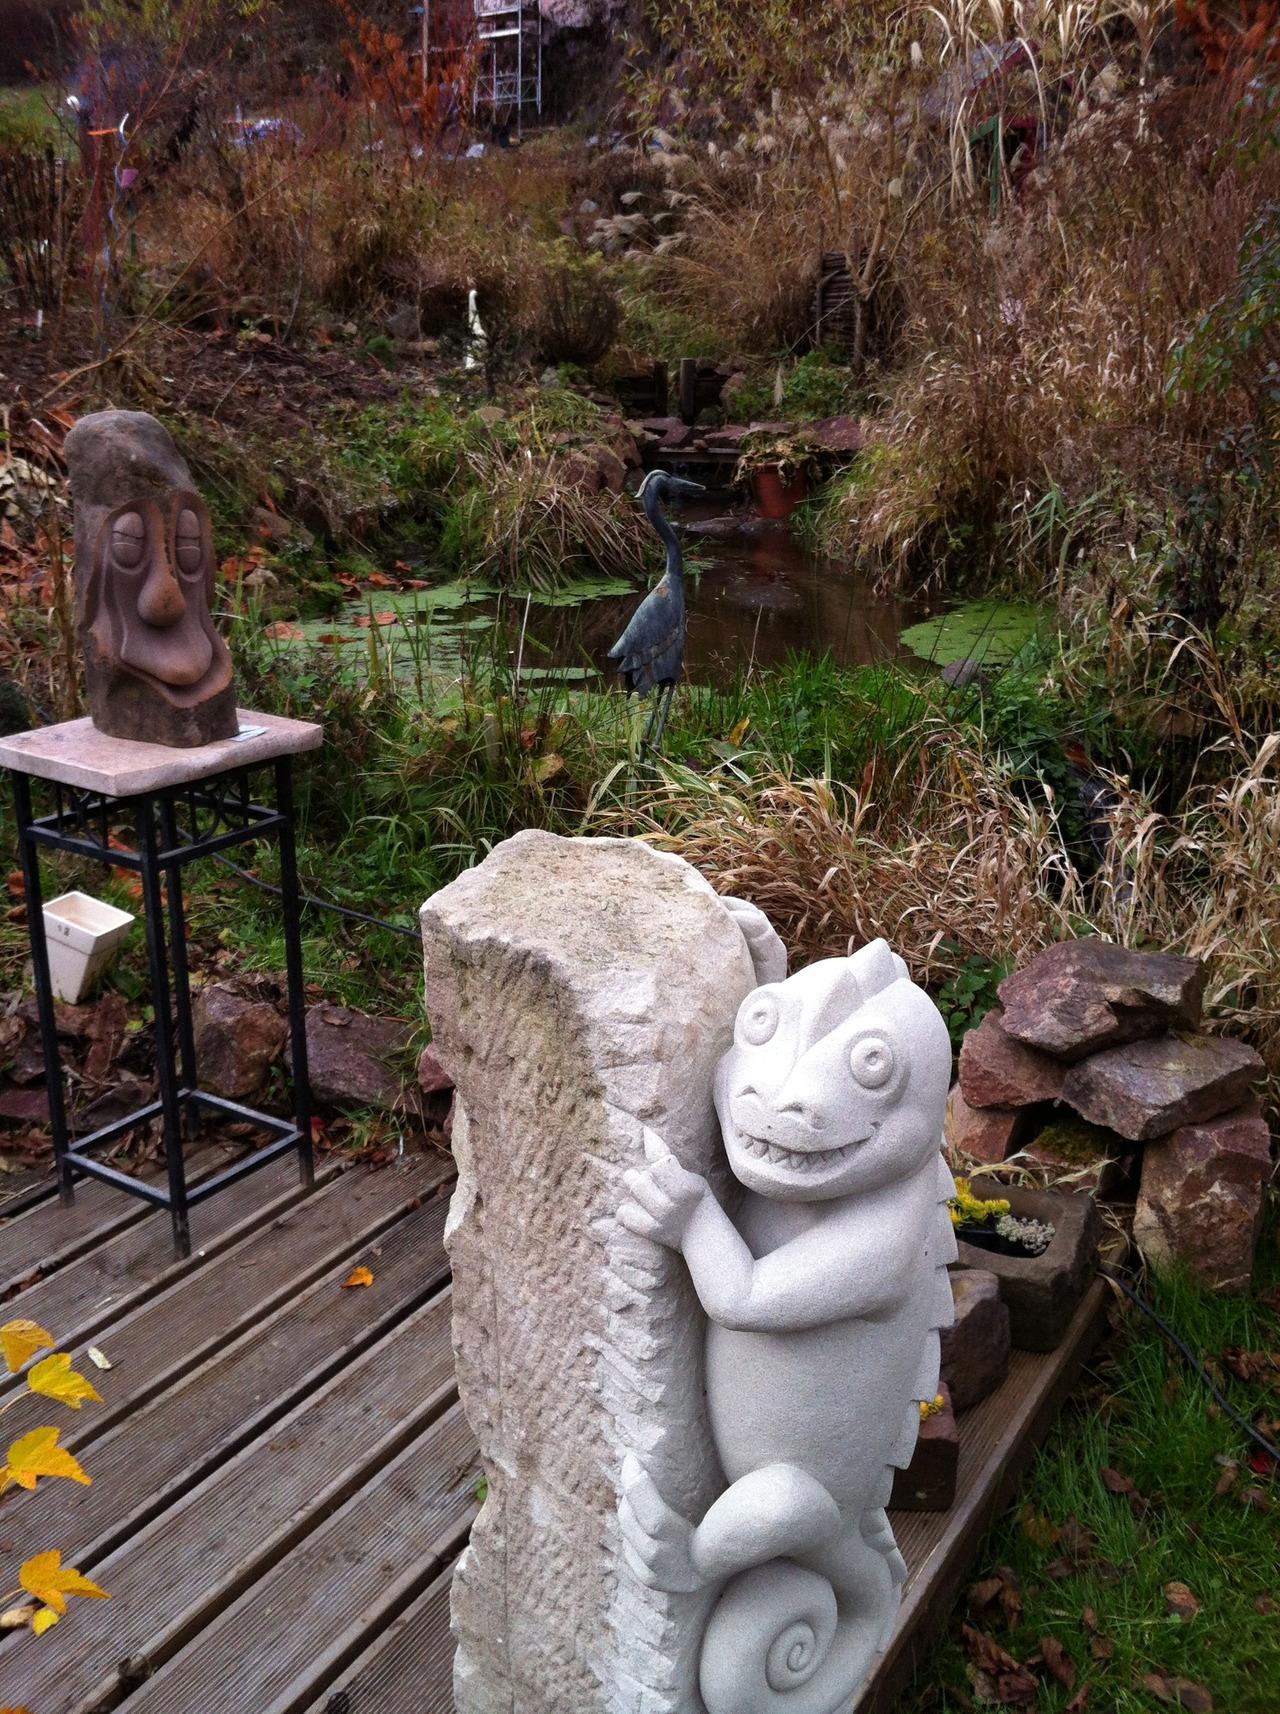 pierre avenir sculptures au jardin des panr es. Black Bedroom Furniture Sets. Home Design Ideas